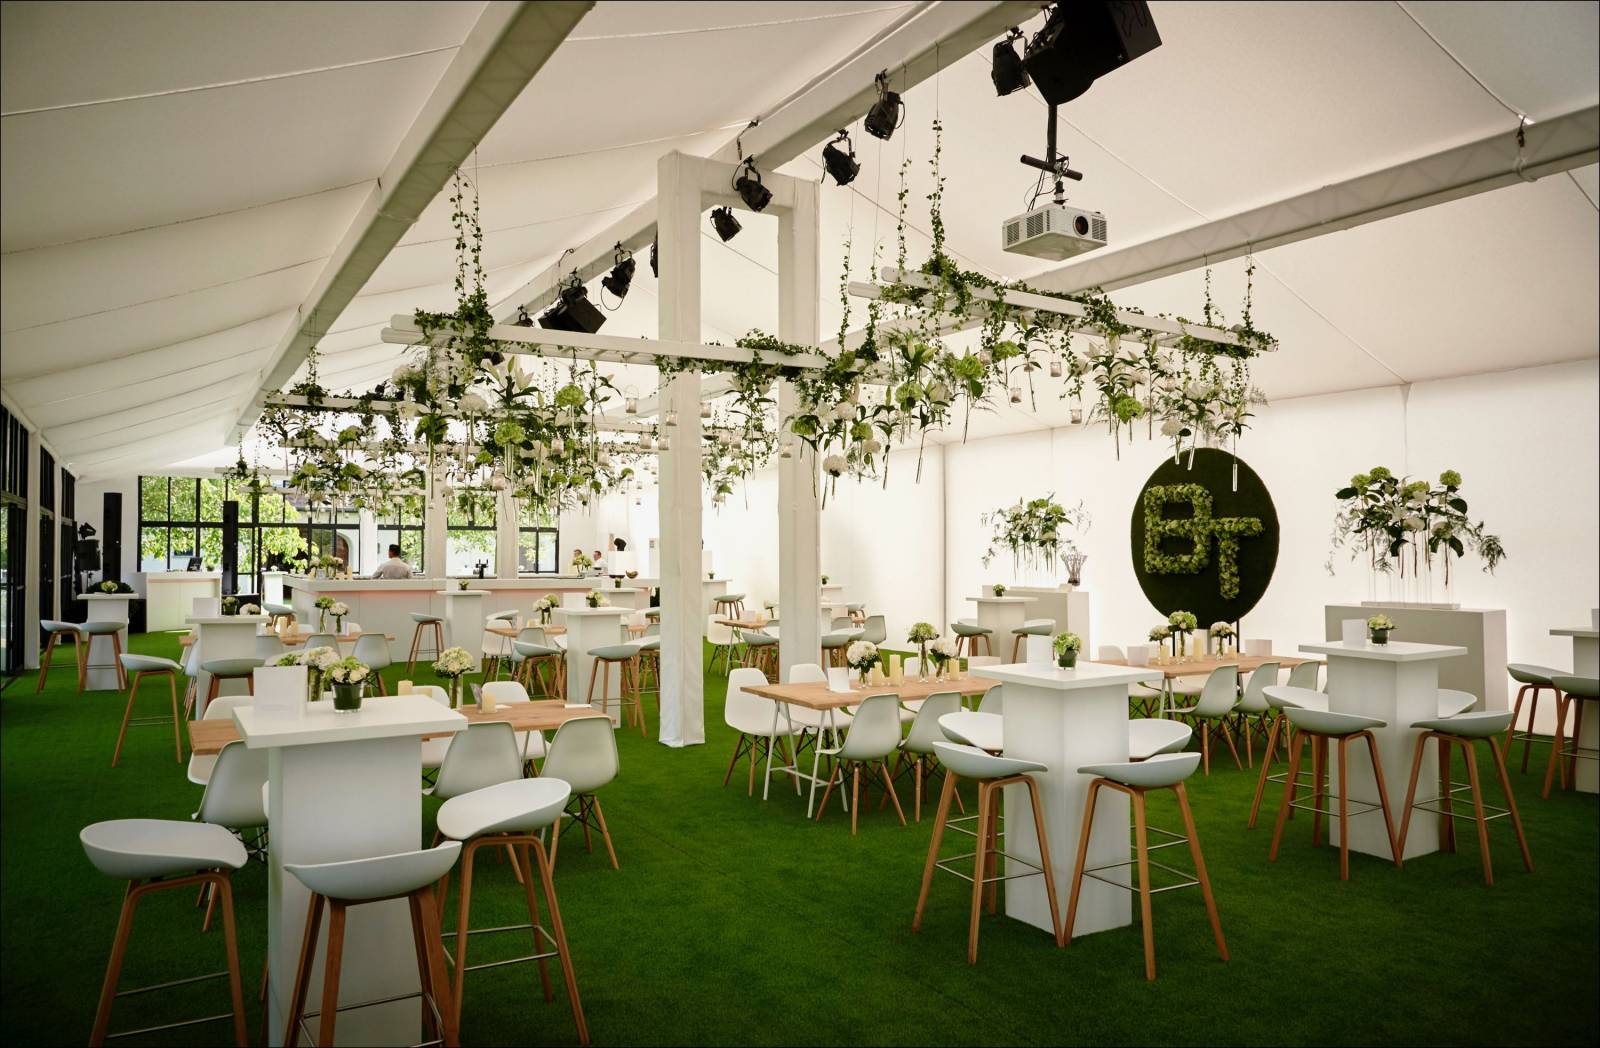 Solico - Licht & Geluid huwelijk - Audiovisueel - House of Weddings - 4